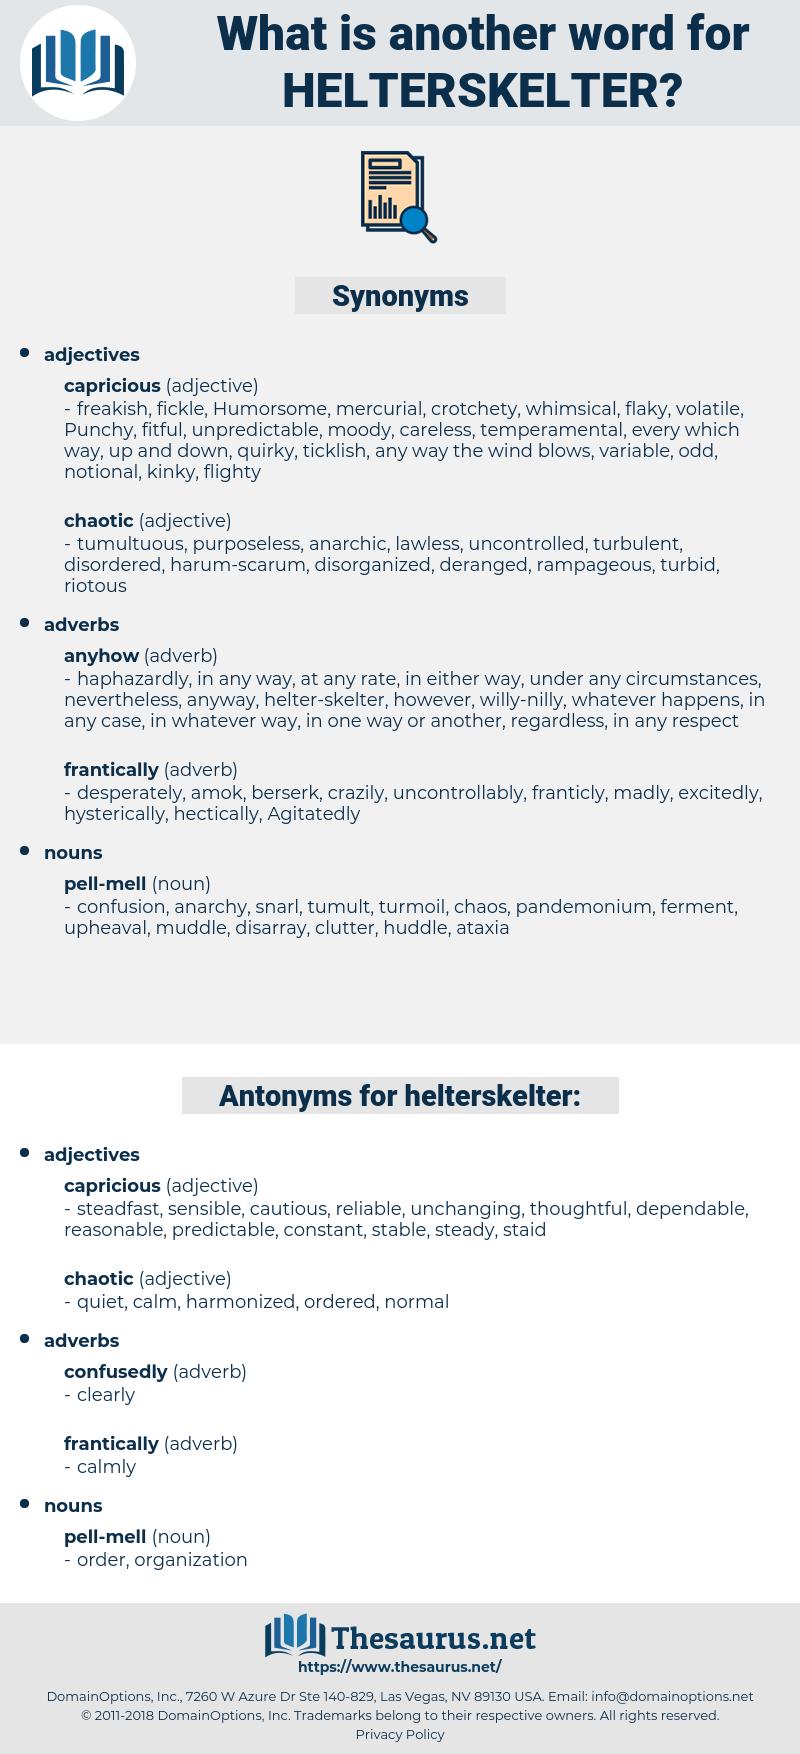 helterskelter, synonym helterskelter, another word for helterskelter, words like helterskelter, thesaurus helterskelter